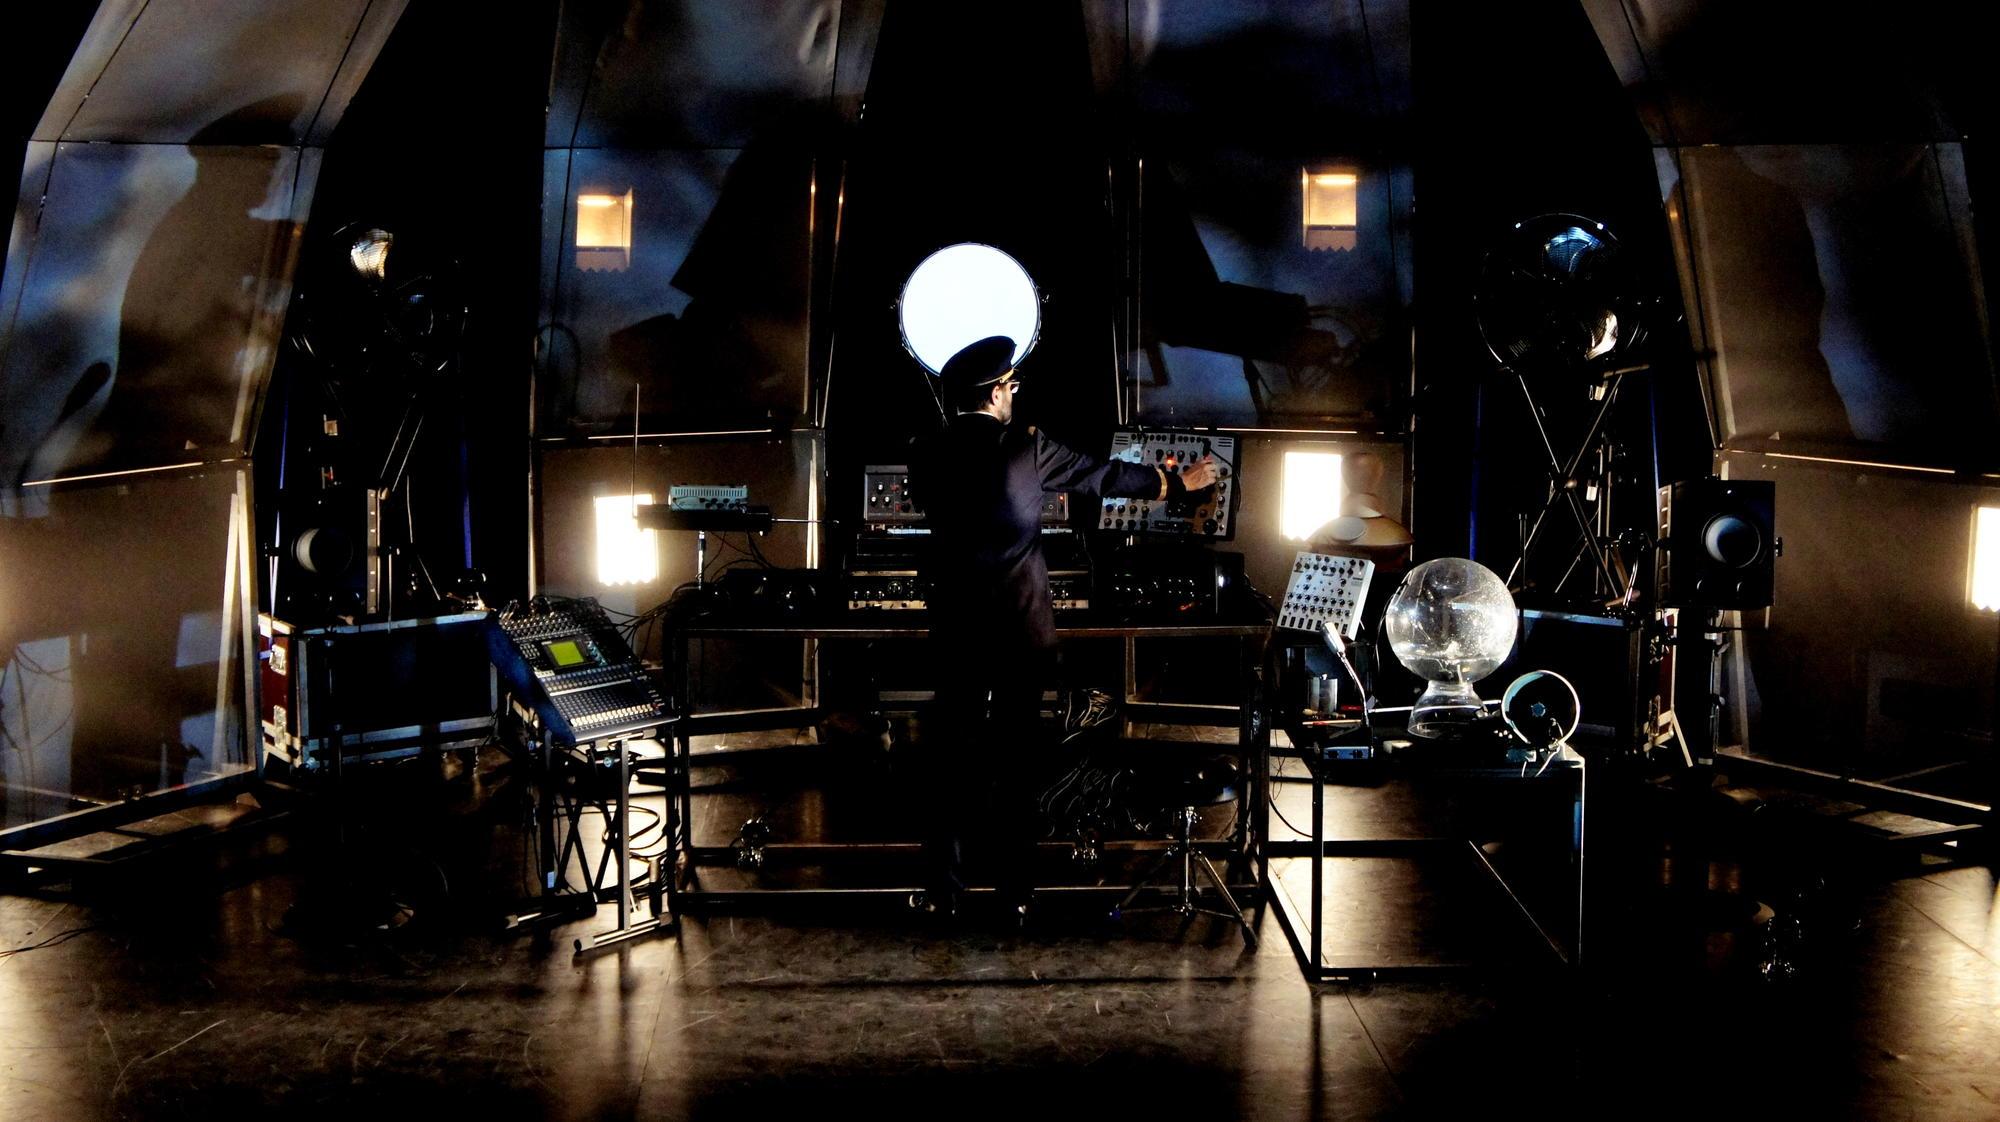 Le Voyage superSONique - Thierry Balasse